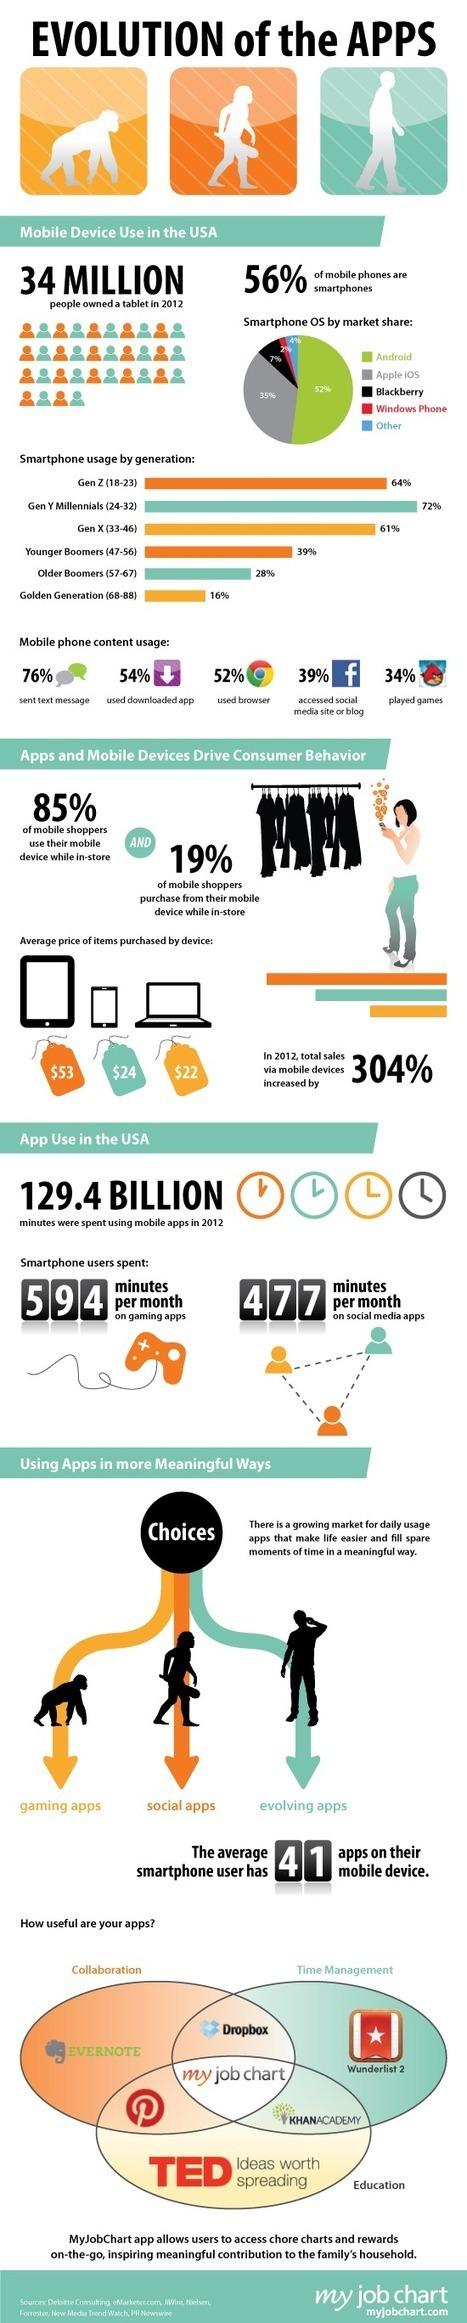 Infografía: La evolución de las APPS | App móviles | Scoop.it